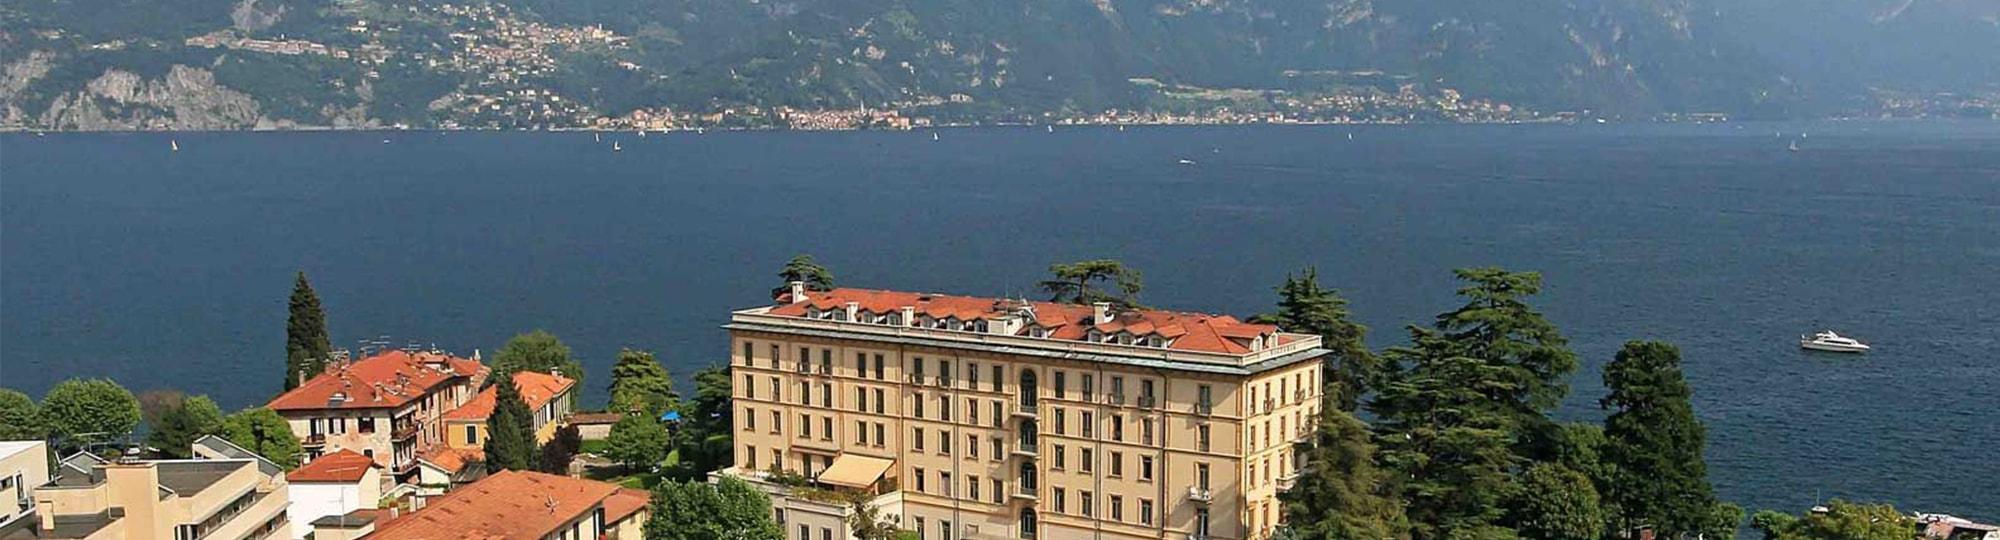 Grand hotel victoria 4 r server l 39 h tel victoria menaggio - Lac de come hotel ...